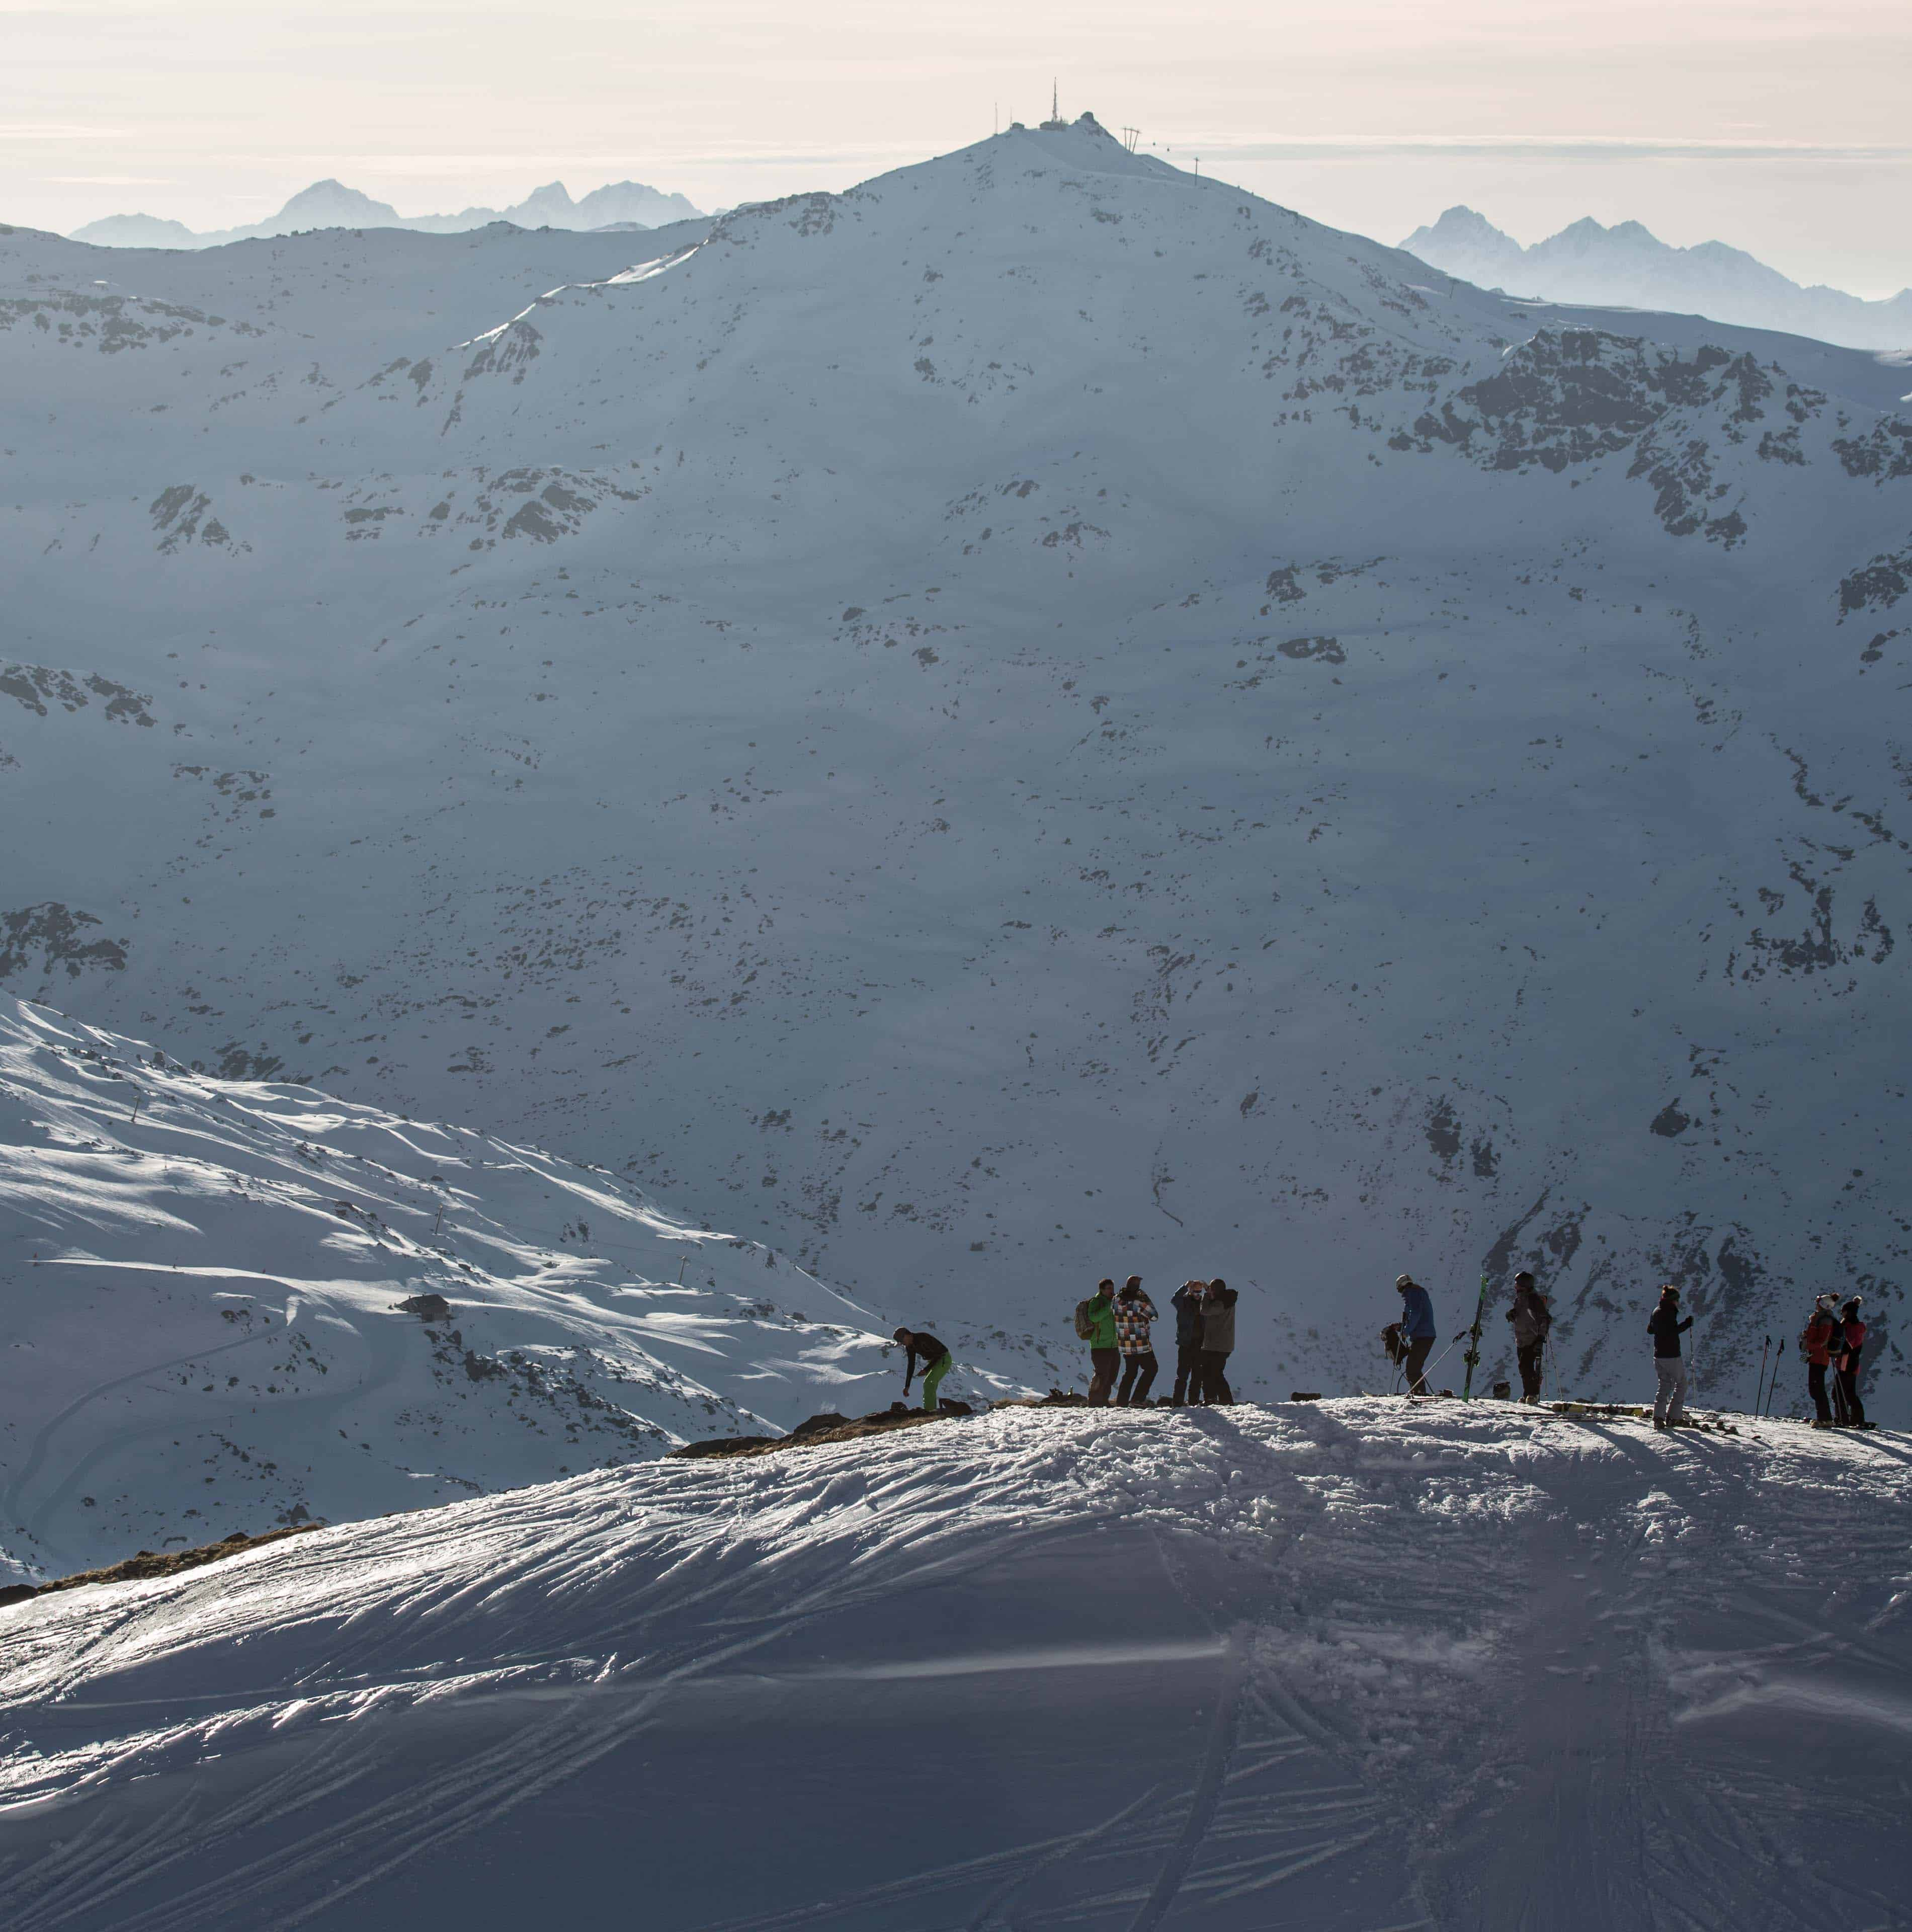 Sneeuwzekere bergtoppen in de Savoie regio